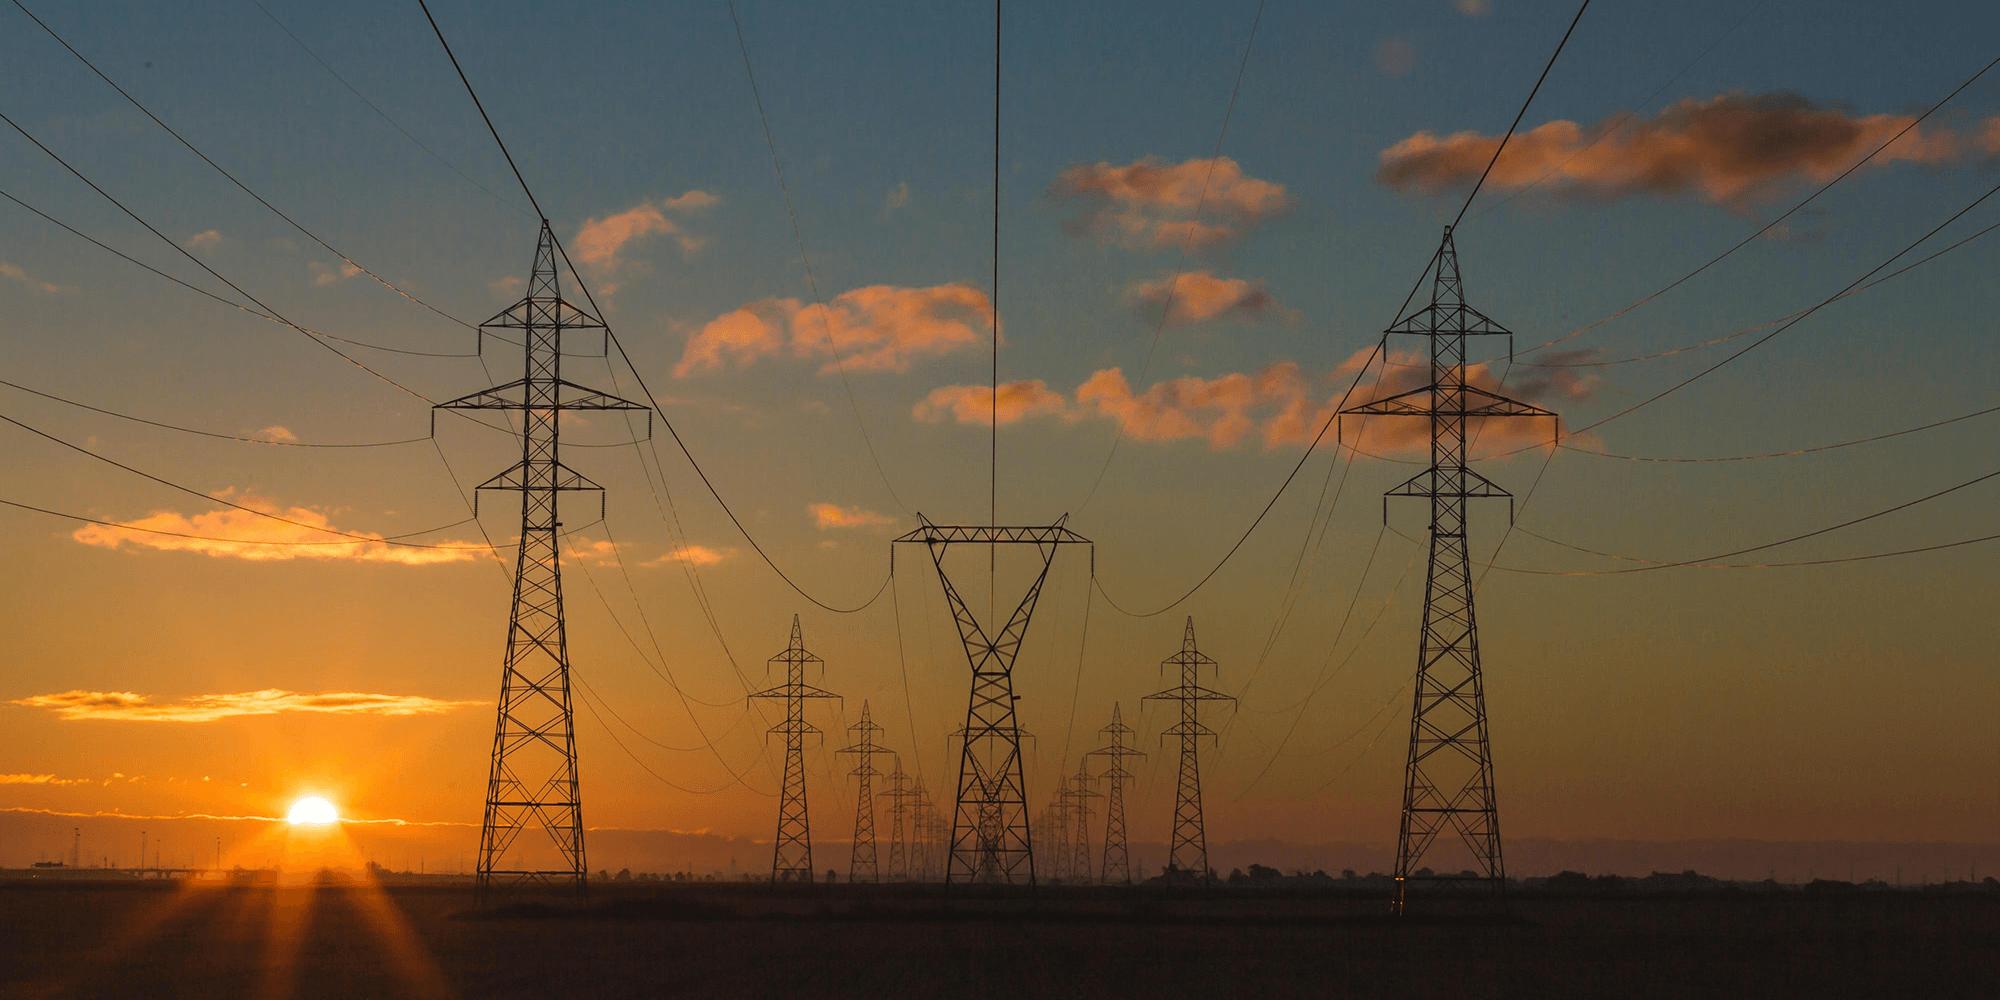 Bilde av strømmaster i solnedgang